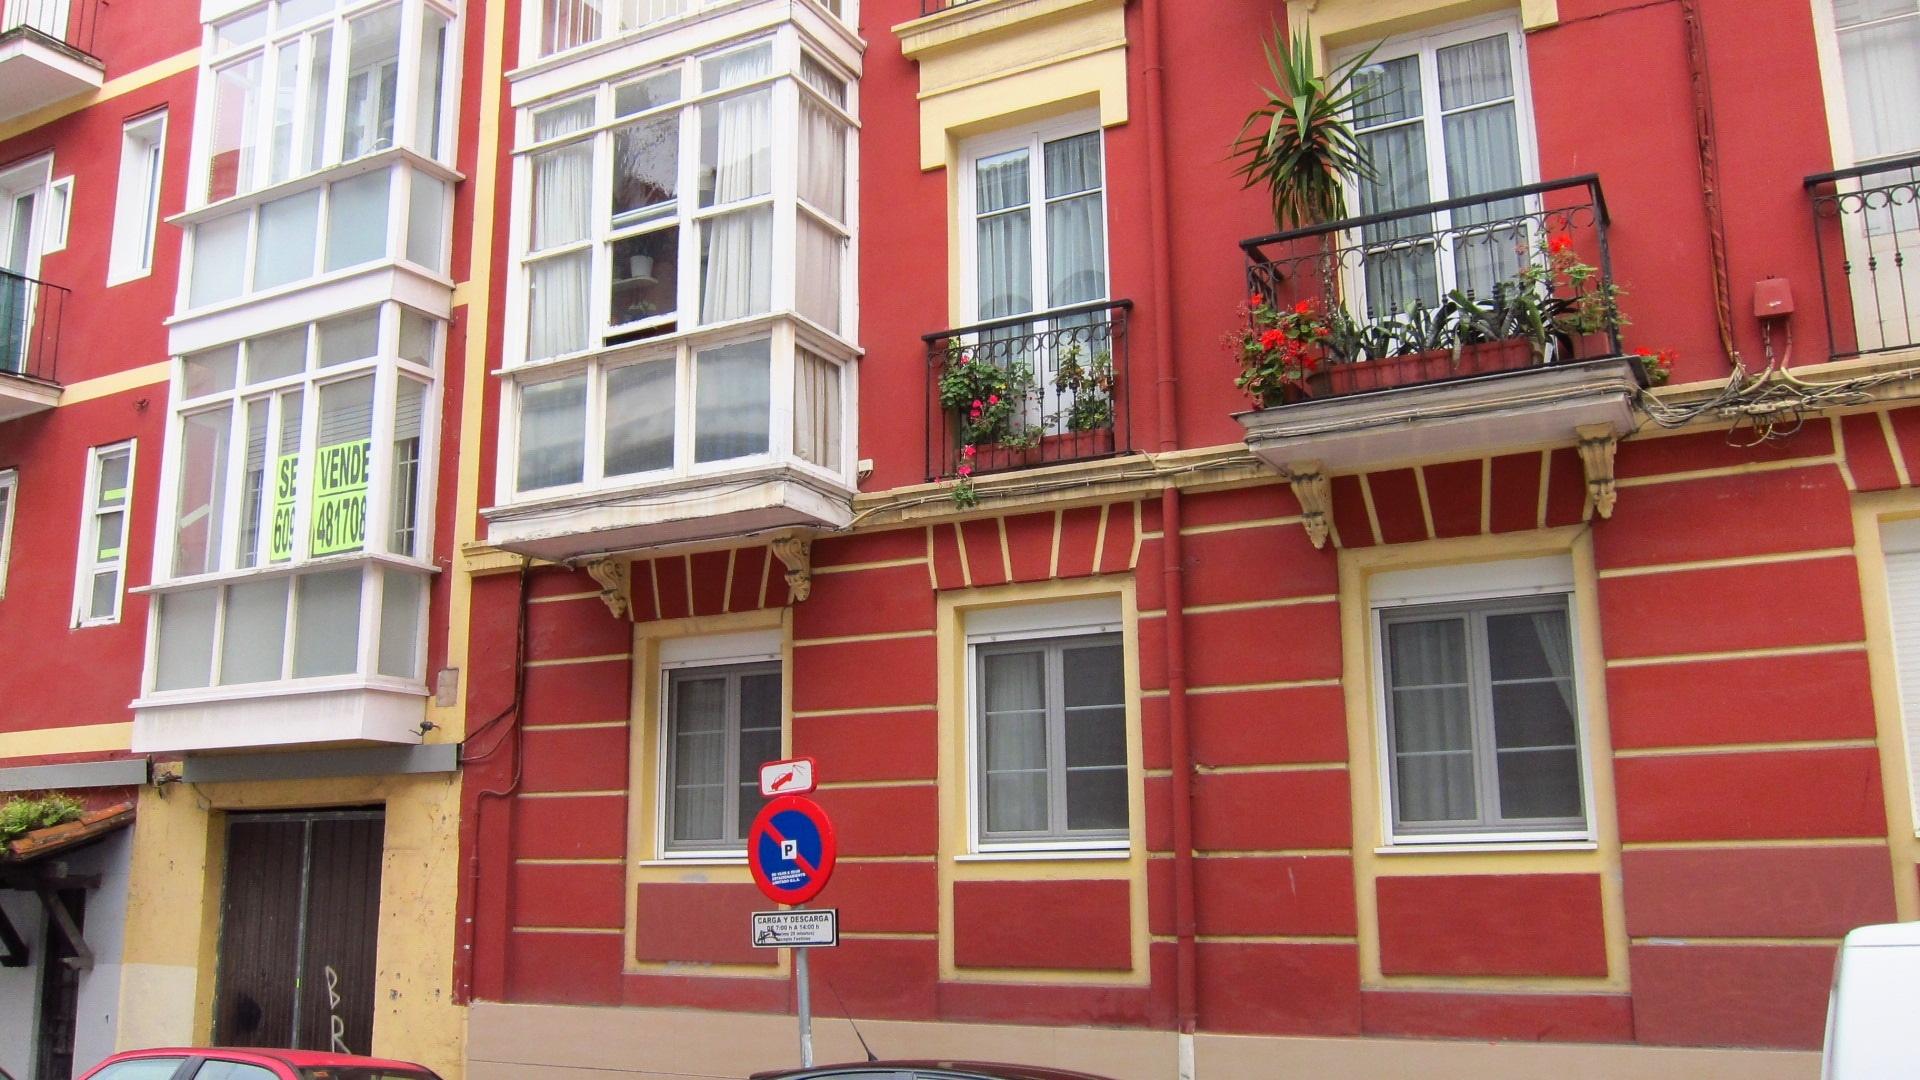 El precio de la vivienda libre en Cantabria cae un 6,8% en el primer trimestre, más que la media